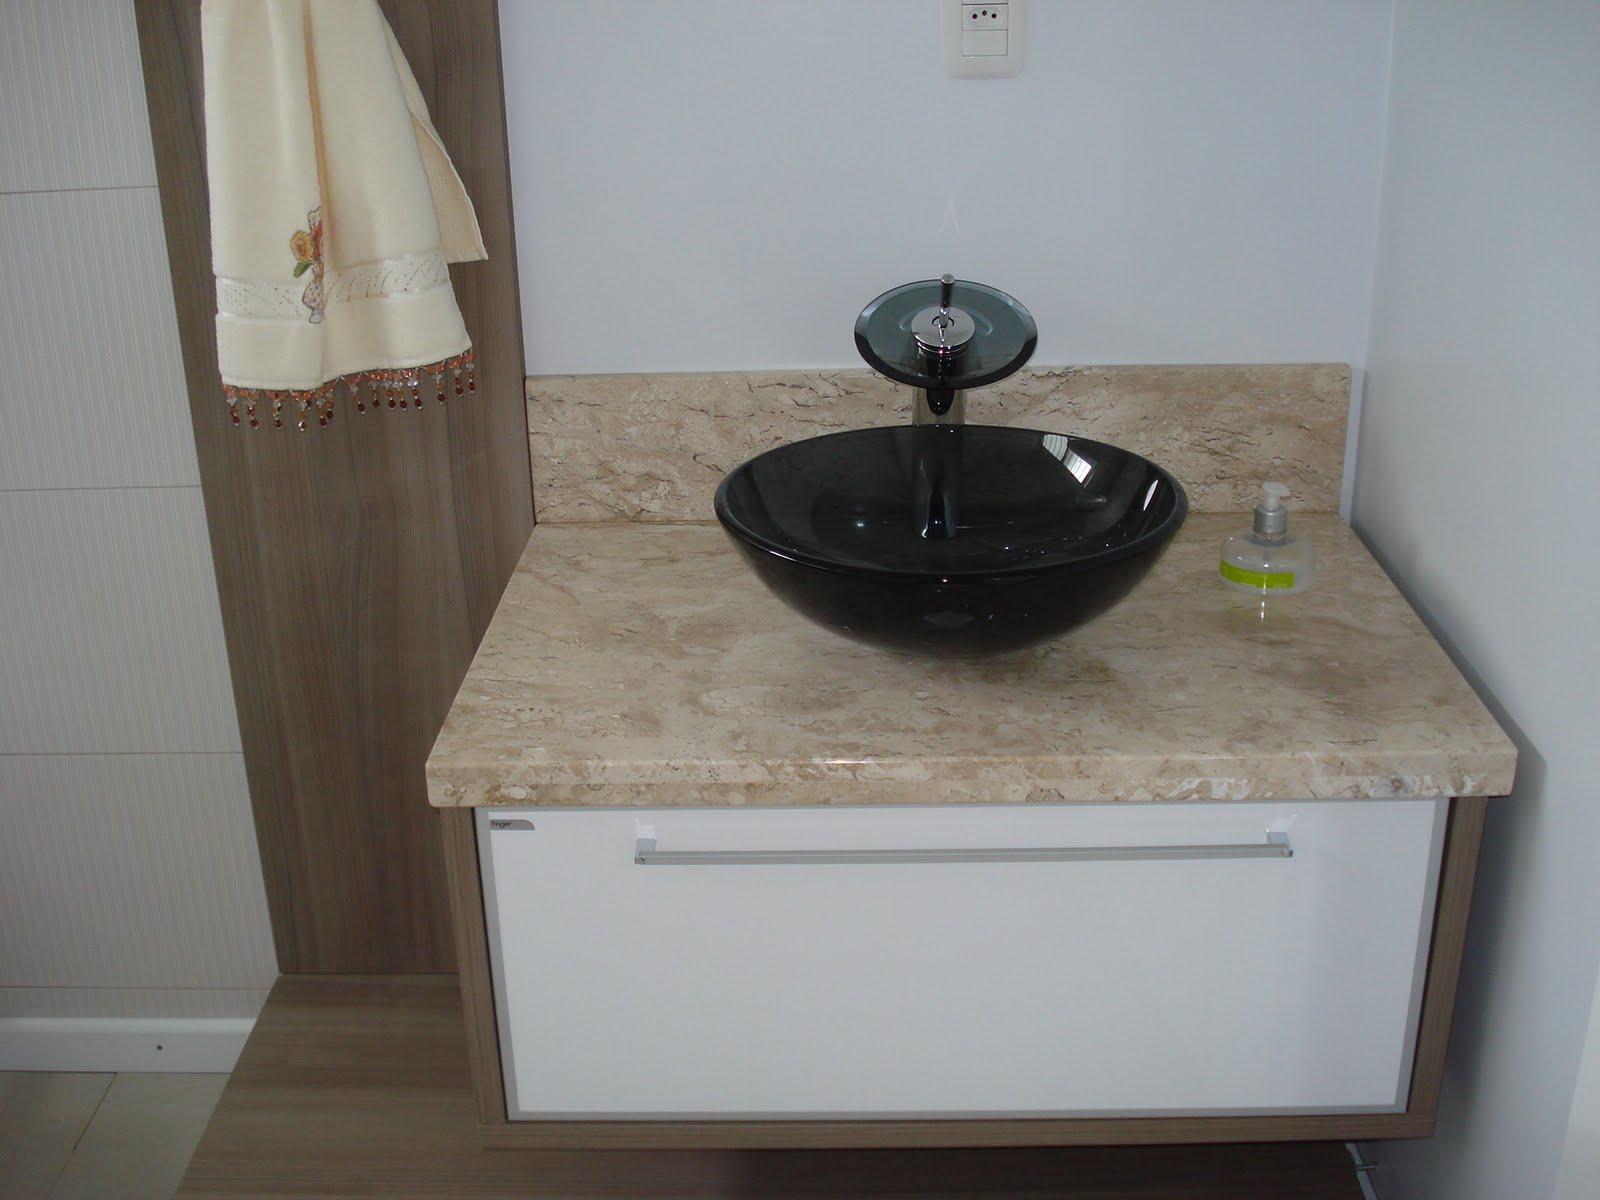 Projetos concebidos com Mármore Travertino Marmoraria MPK #584D40 1600x1200 Bancada Banheiro Marmore Travertino